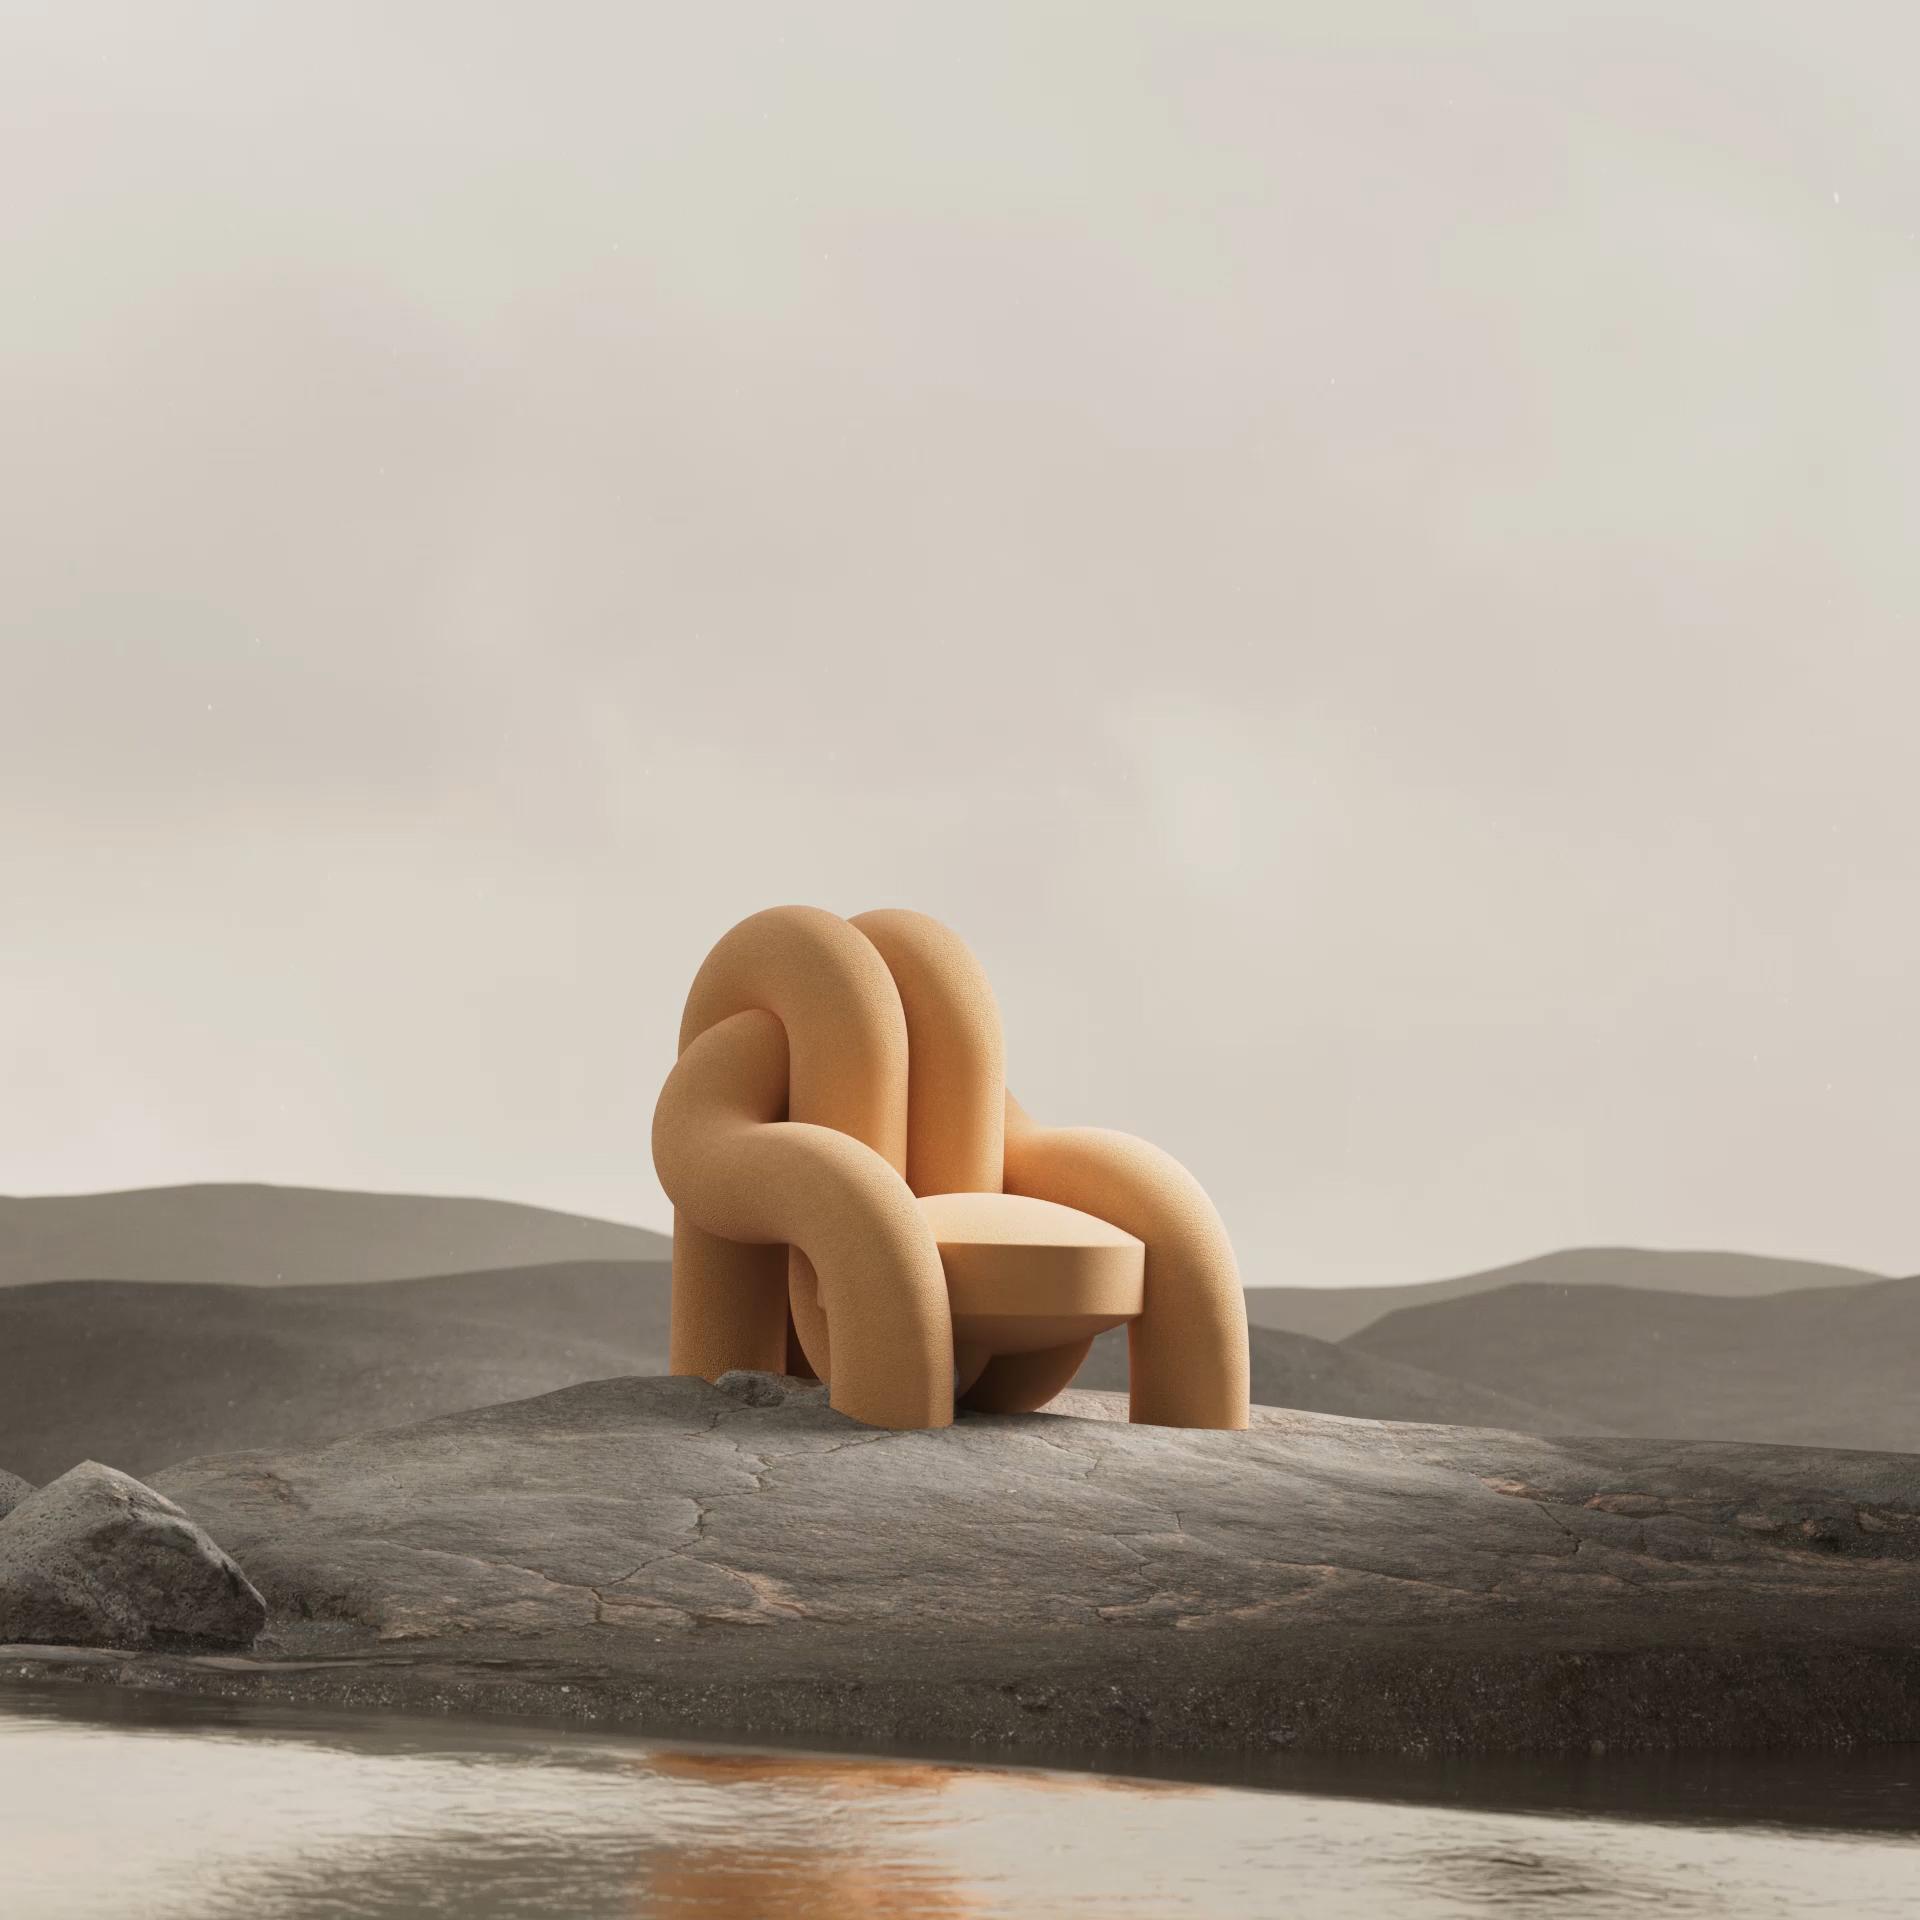 Tangled / Andrés Reisinger